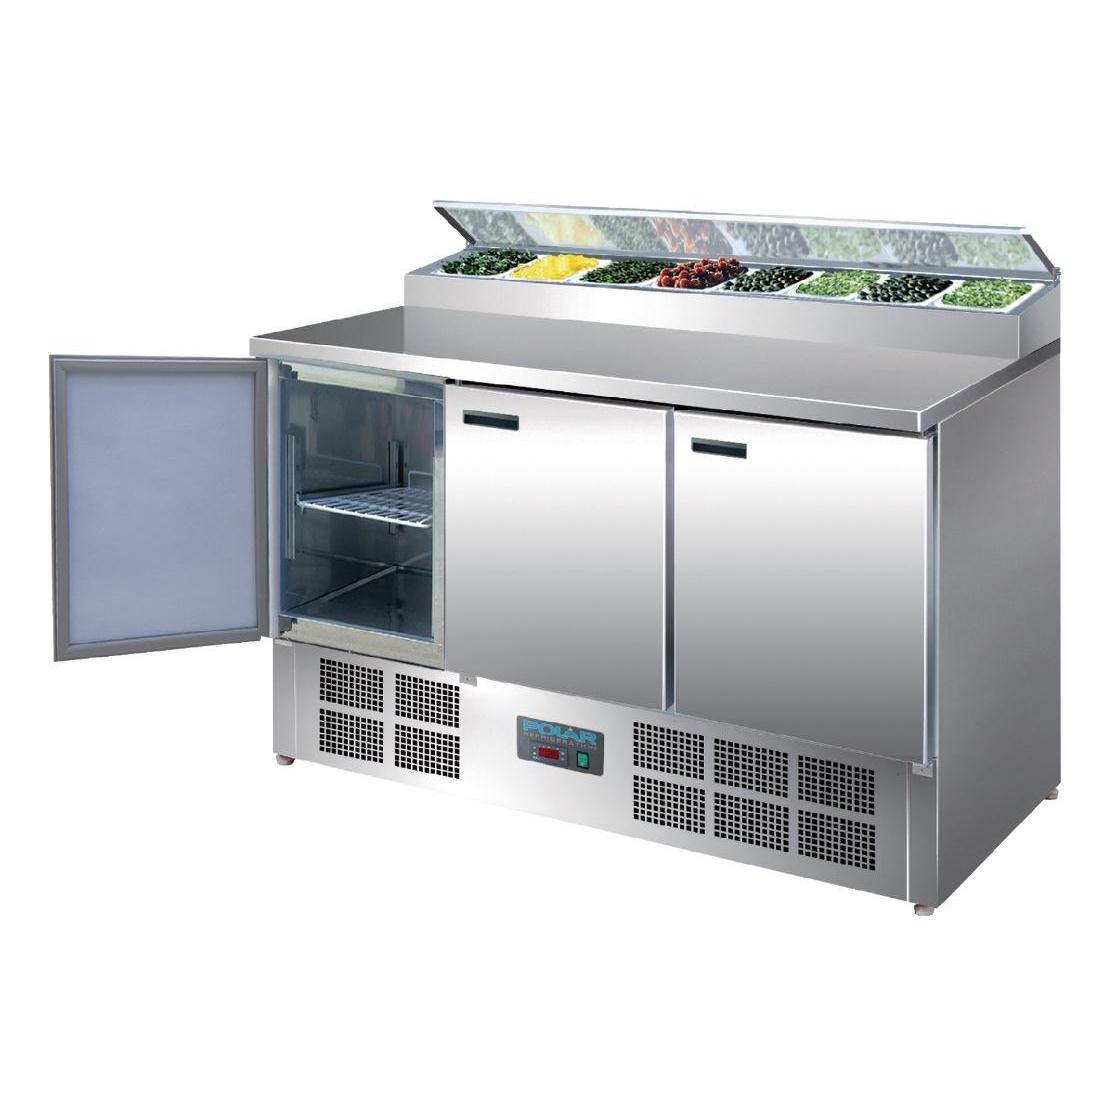 Comptoir de préparation réfrigéré saladette pizzas et salades 390L